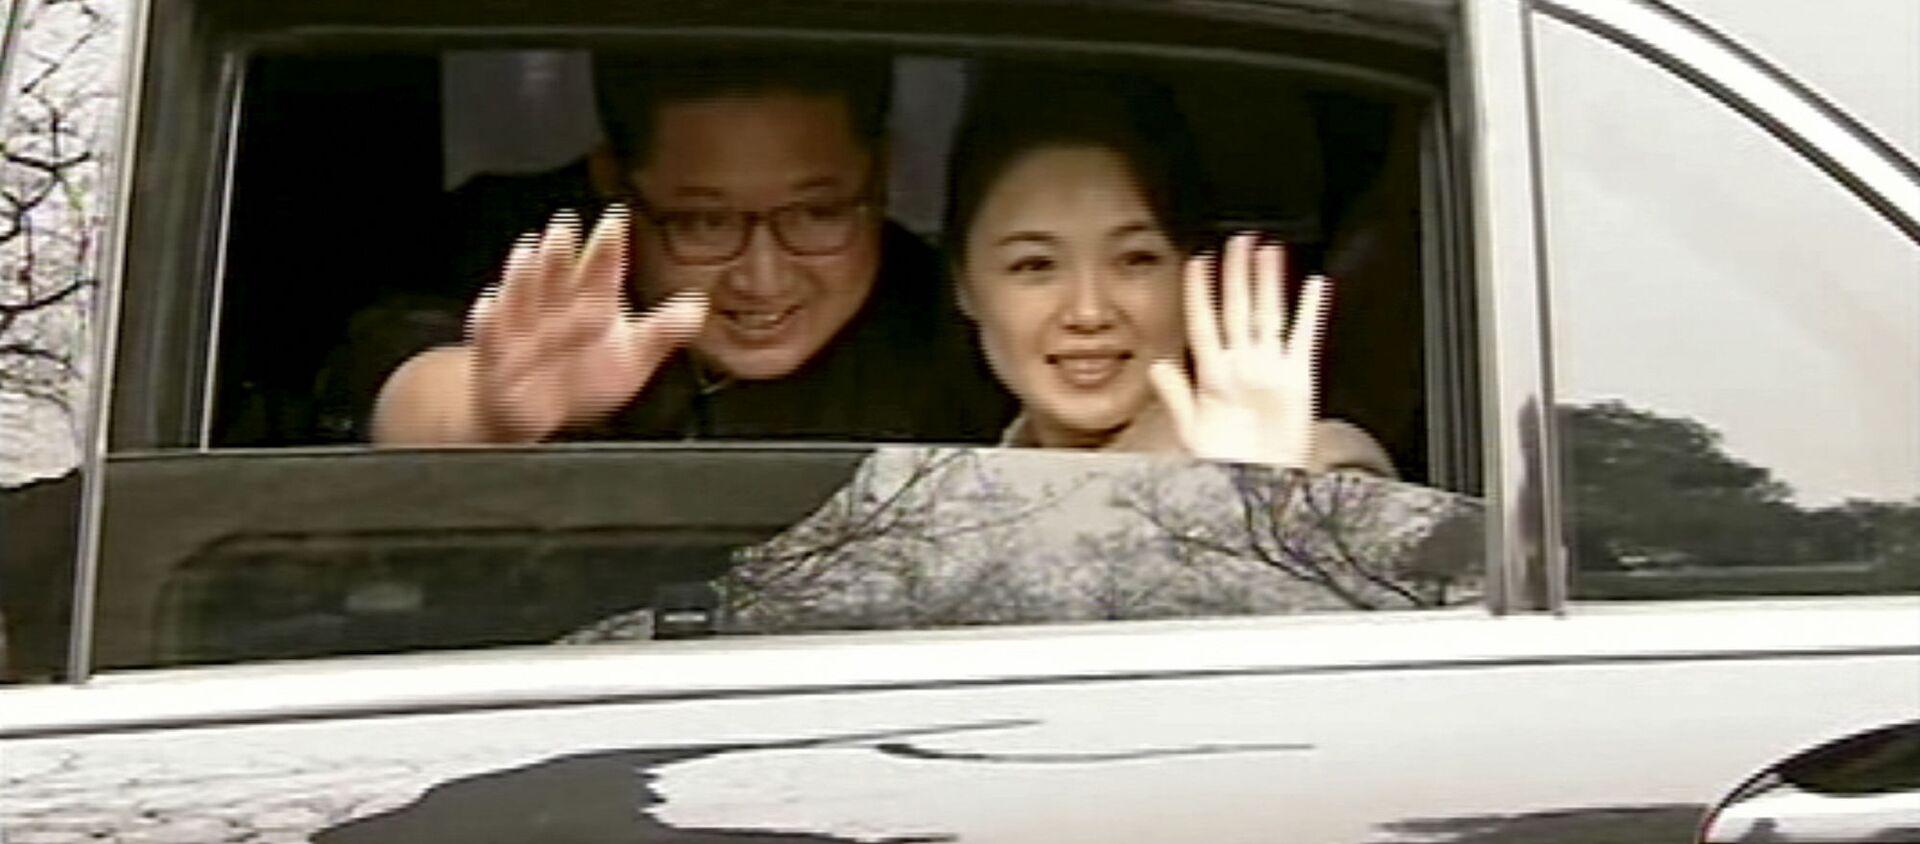 El líder de Corea del Norte, Kim Jong-un, en Pekín, China (archivo) - Sputnik Mundo, 1920, 01.02.2021